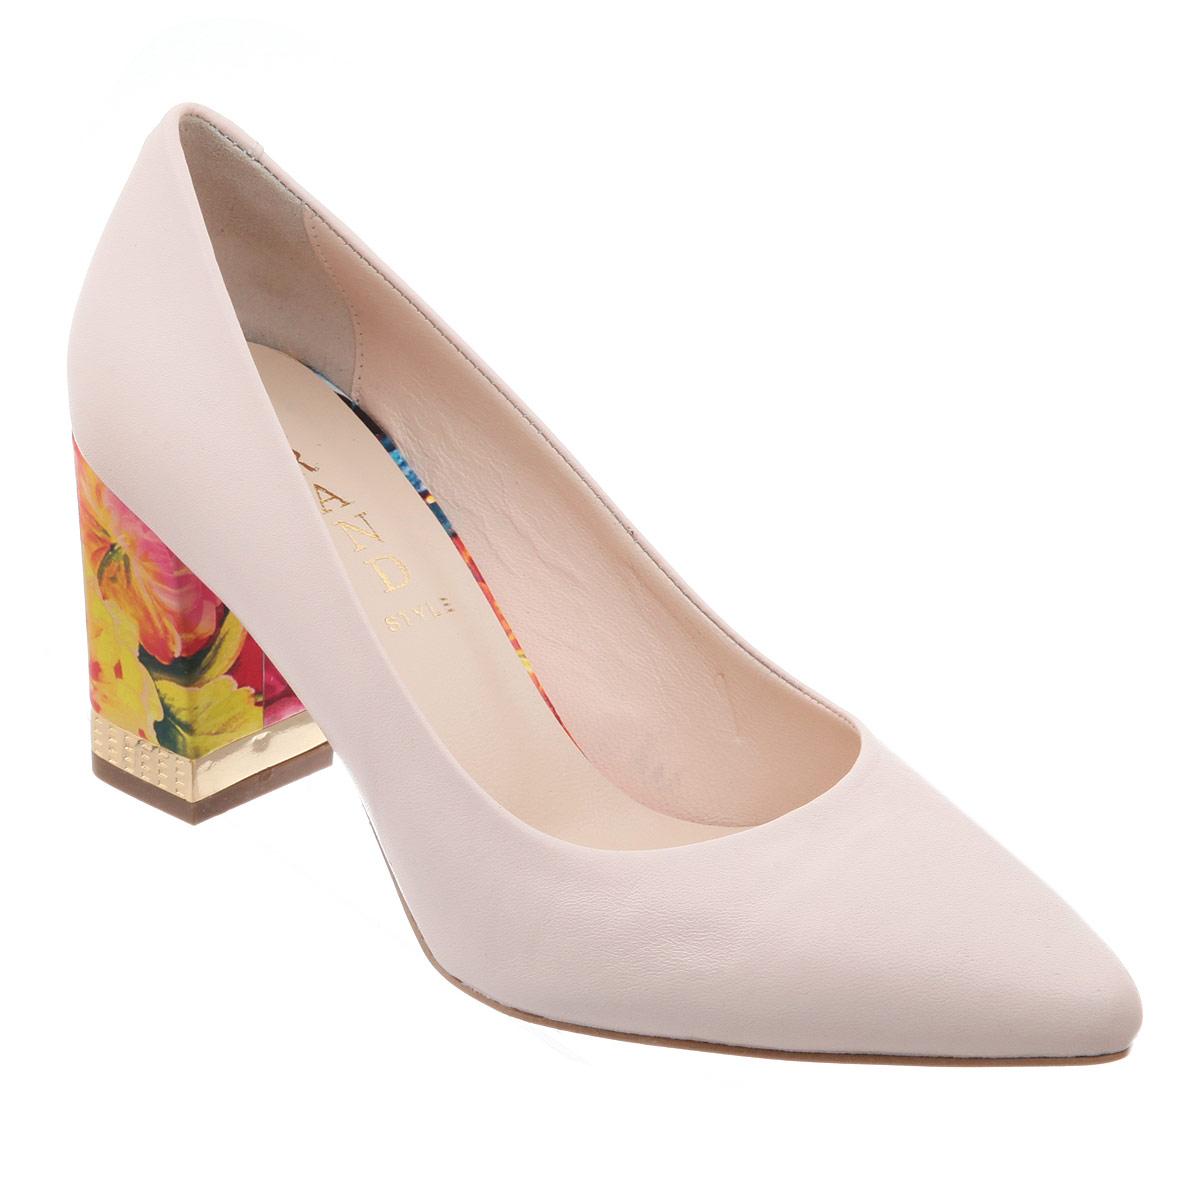 Туфли женские. 105-28-245105-28-245Оригинальные женские туфли от Grand Style позволят вам выделиться среди окружающих. Модель выполнена из натуральной кожи. Каблук оформлен цветочным принтом и металлической вставкой с гравированным узором. Заостренный носок - тренд сезона! Мягкая стелька из натуральной кожи невероятно комфортна при ходьбе. Умеренной высоты каблук - с противоскользящим рифлением. Эффектные туфли внесут изюминку в ваш модный образ.